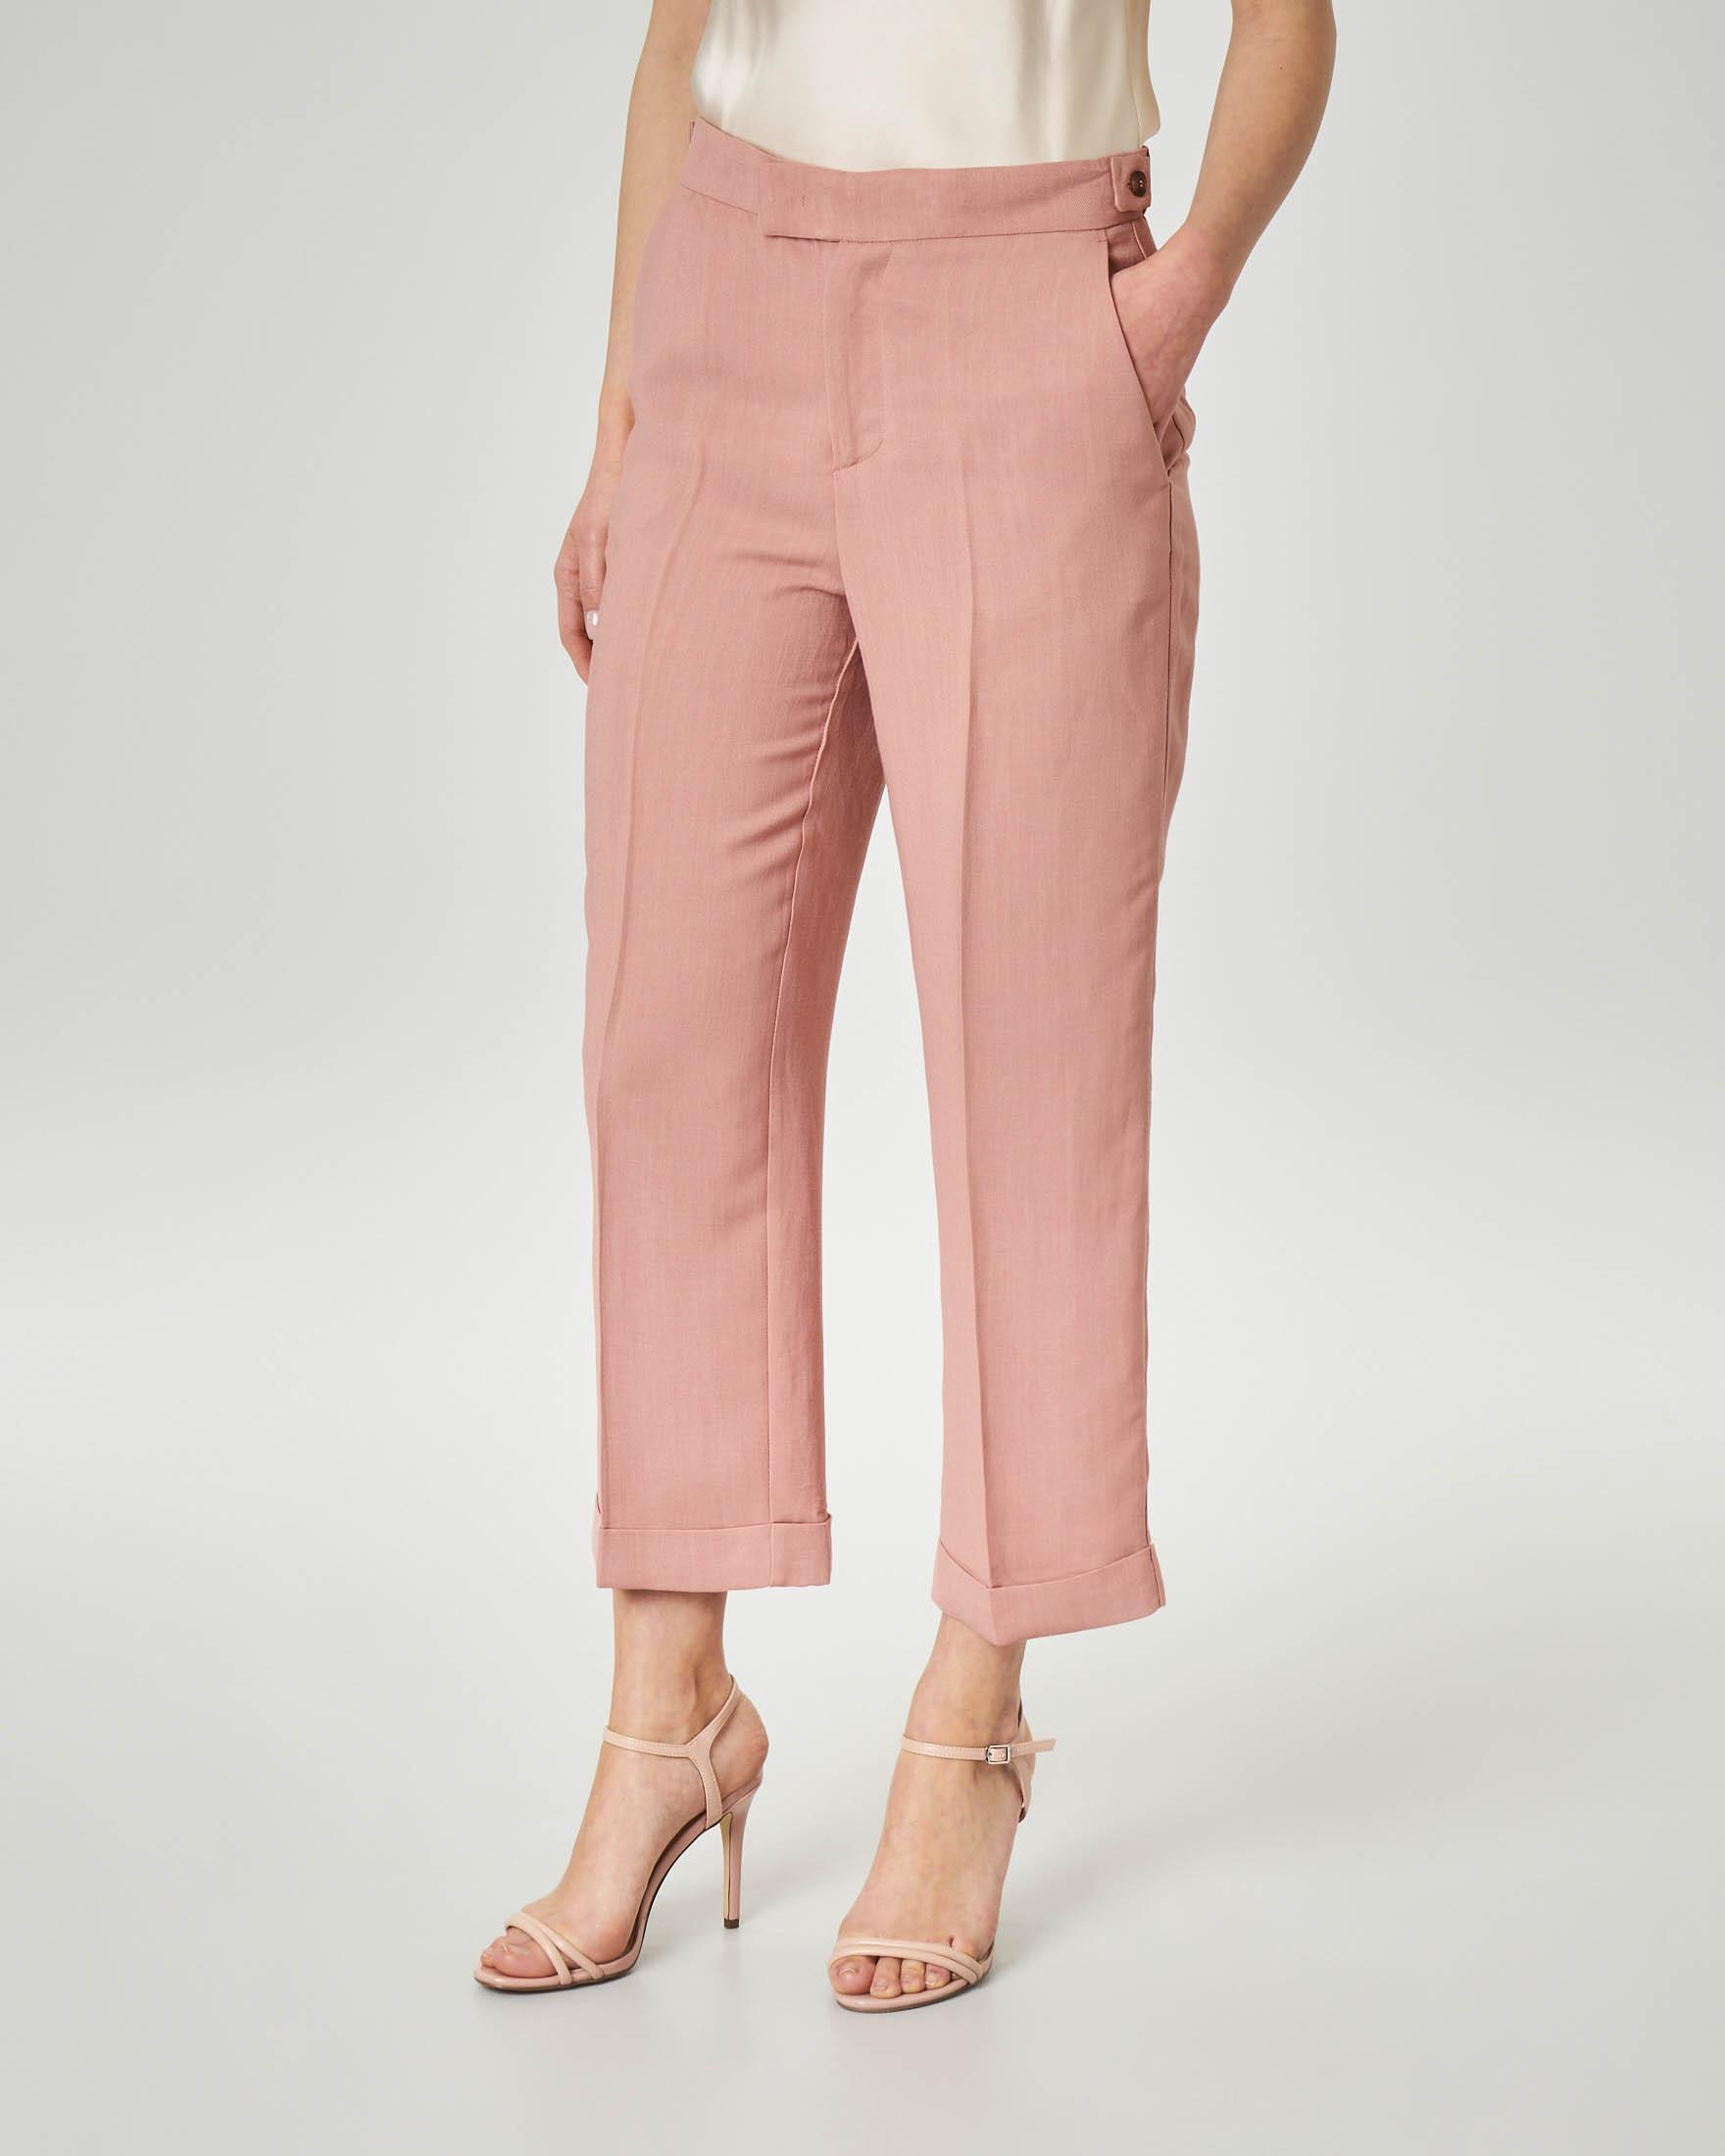 Pantaloni in lino colore rosa con risvolto